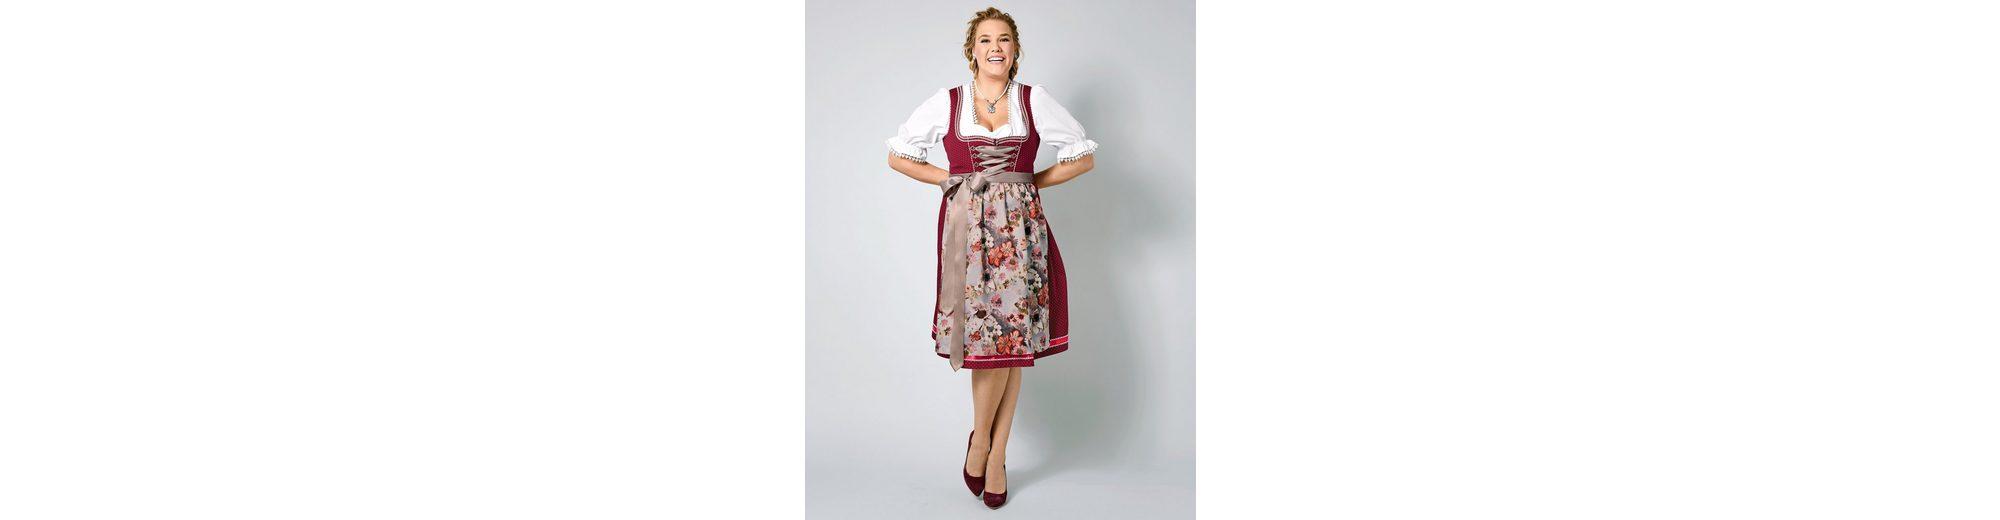 Händler Online Janet und Joyce by Happy Size Dirndl Rabatt 100% Authentische Factory-Outlet-Verkauf Online Sauber Und Klassisch Hohe Qualität Günstiger Preis WxGdN